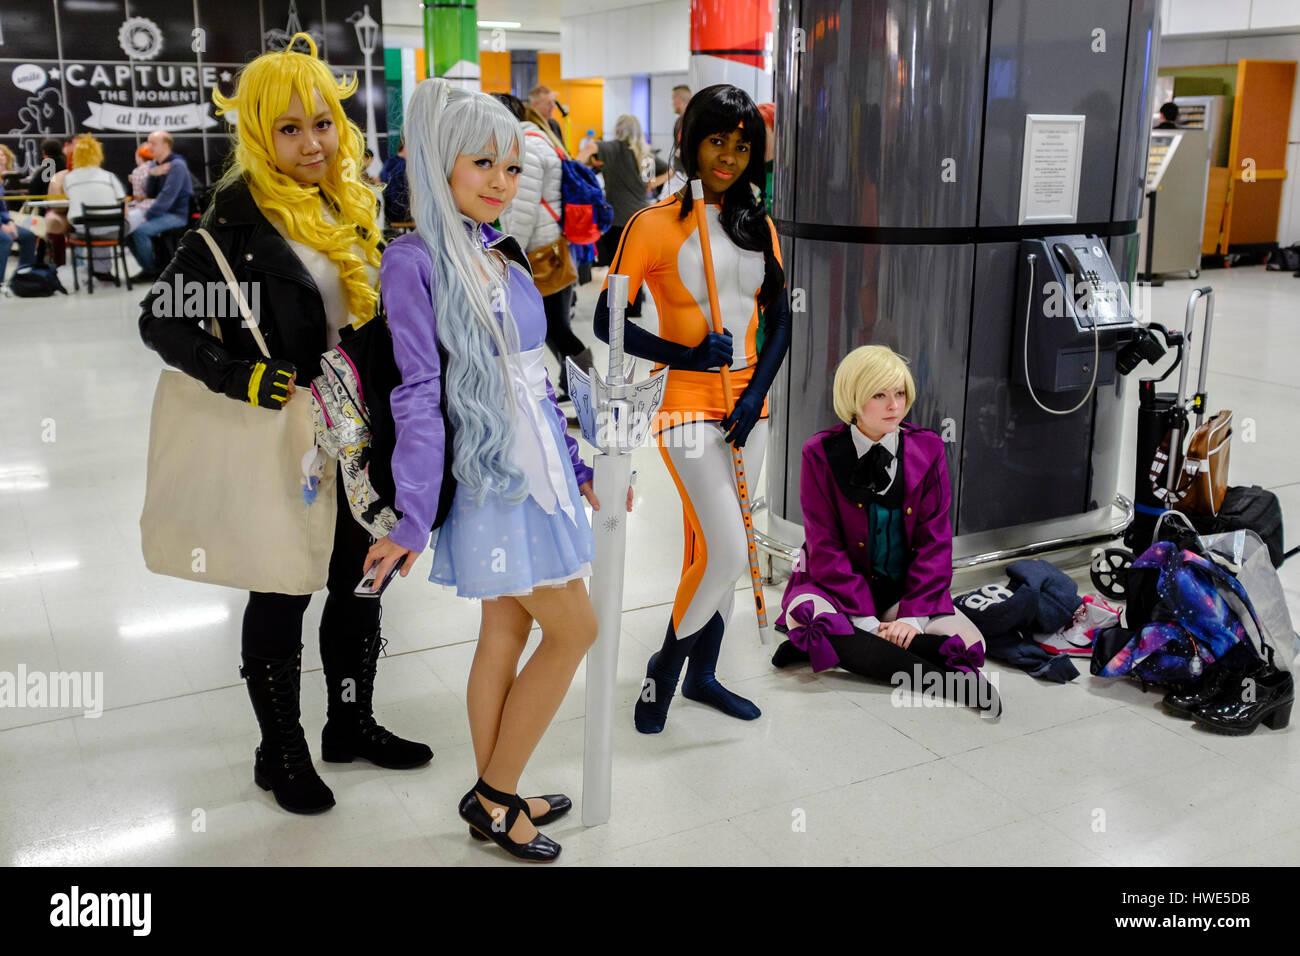 Besuchen Gruppe Junger Frauen In Anime Kostume MCM Comic Con Birmingham Grossbritannien 2017